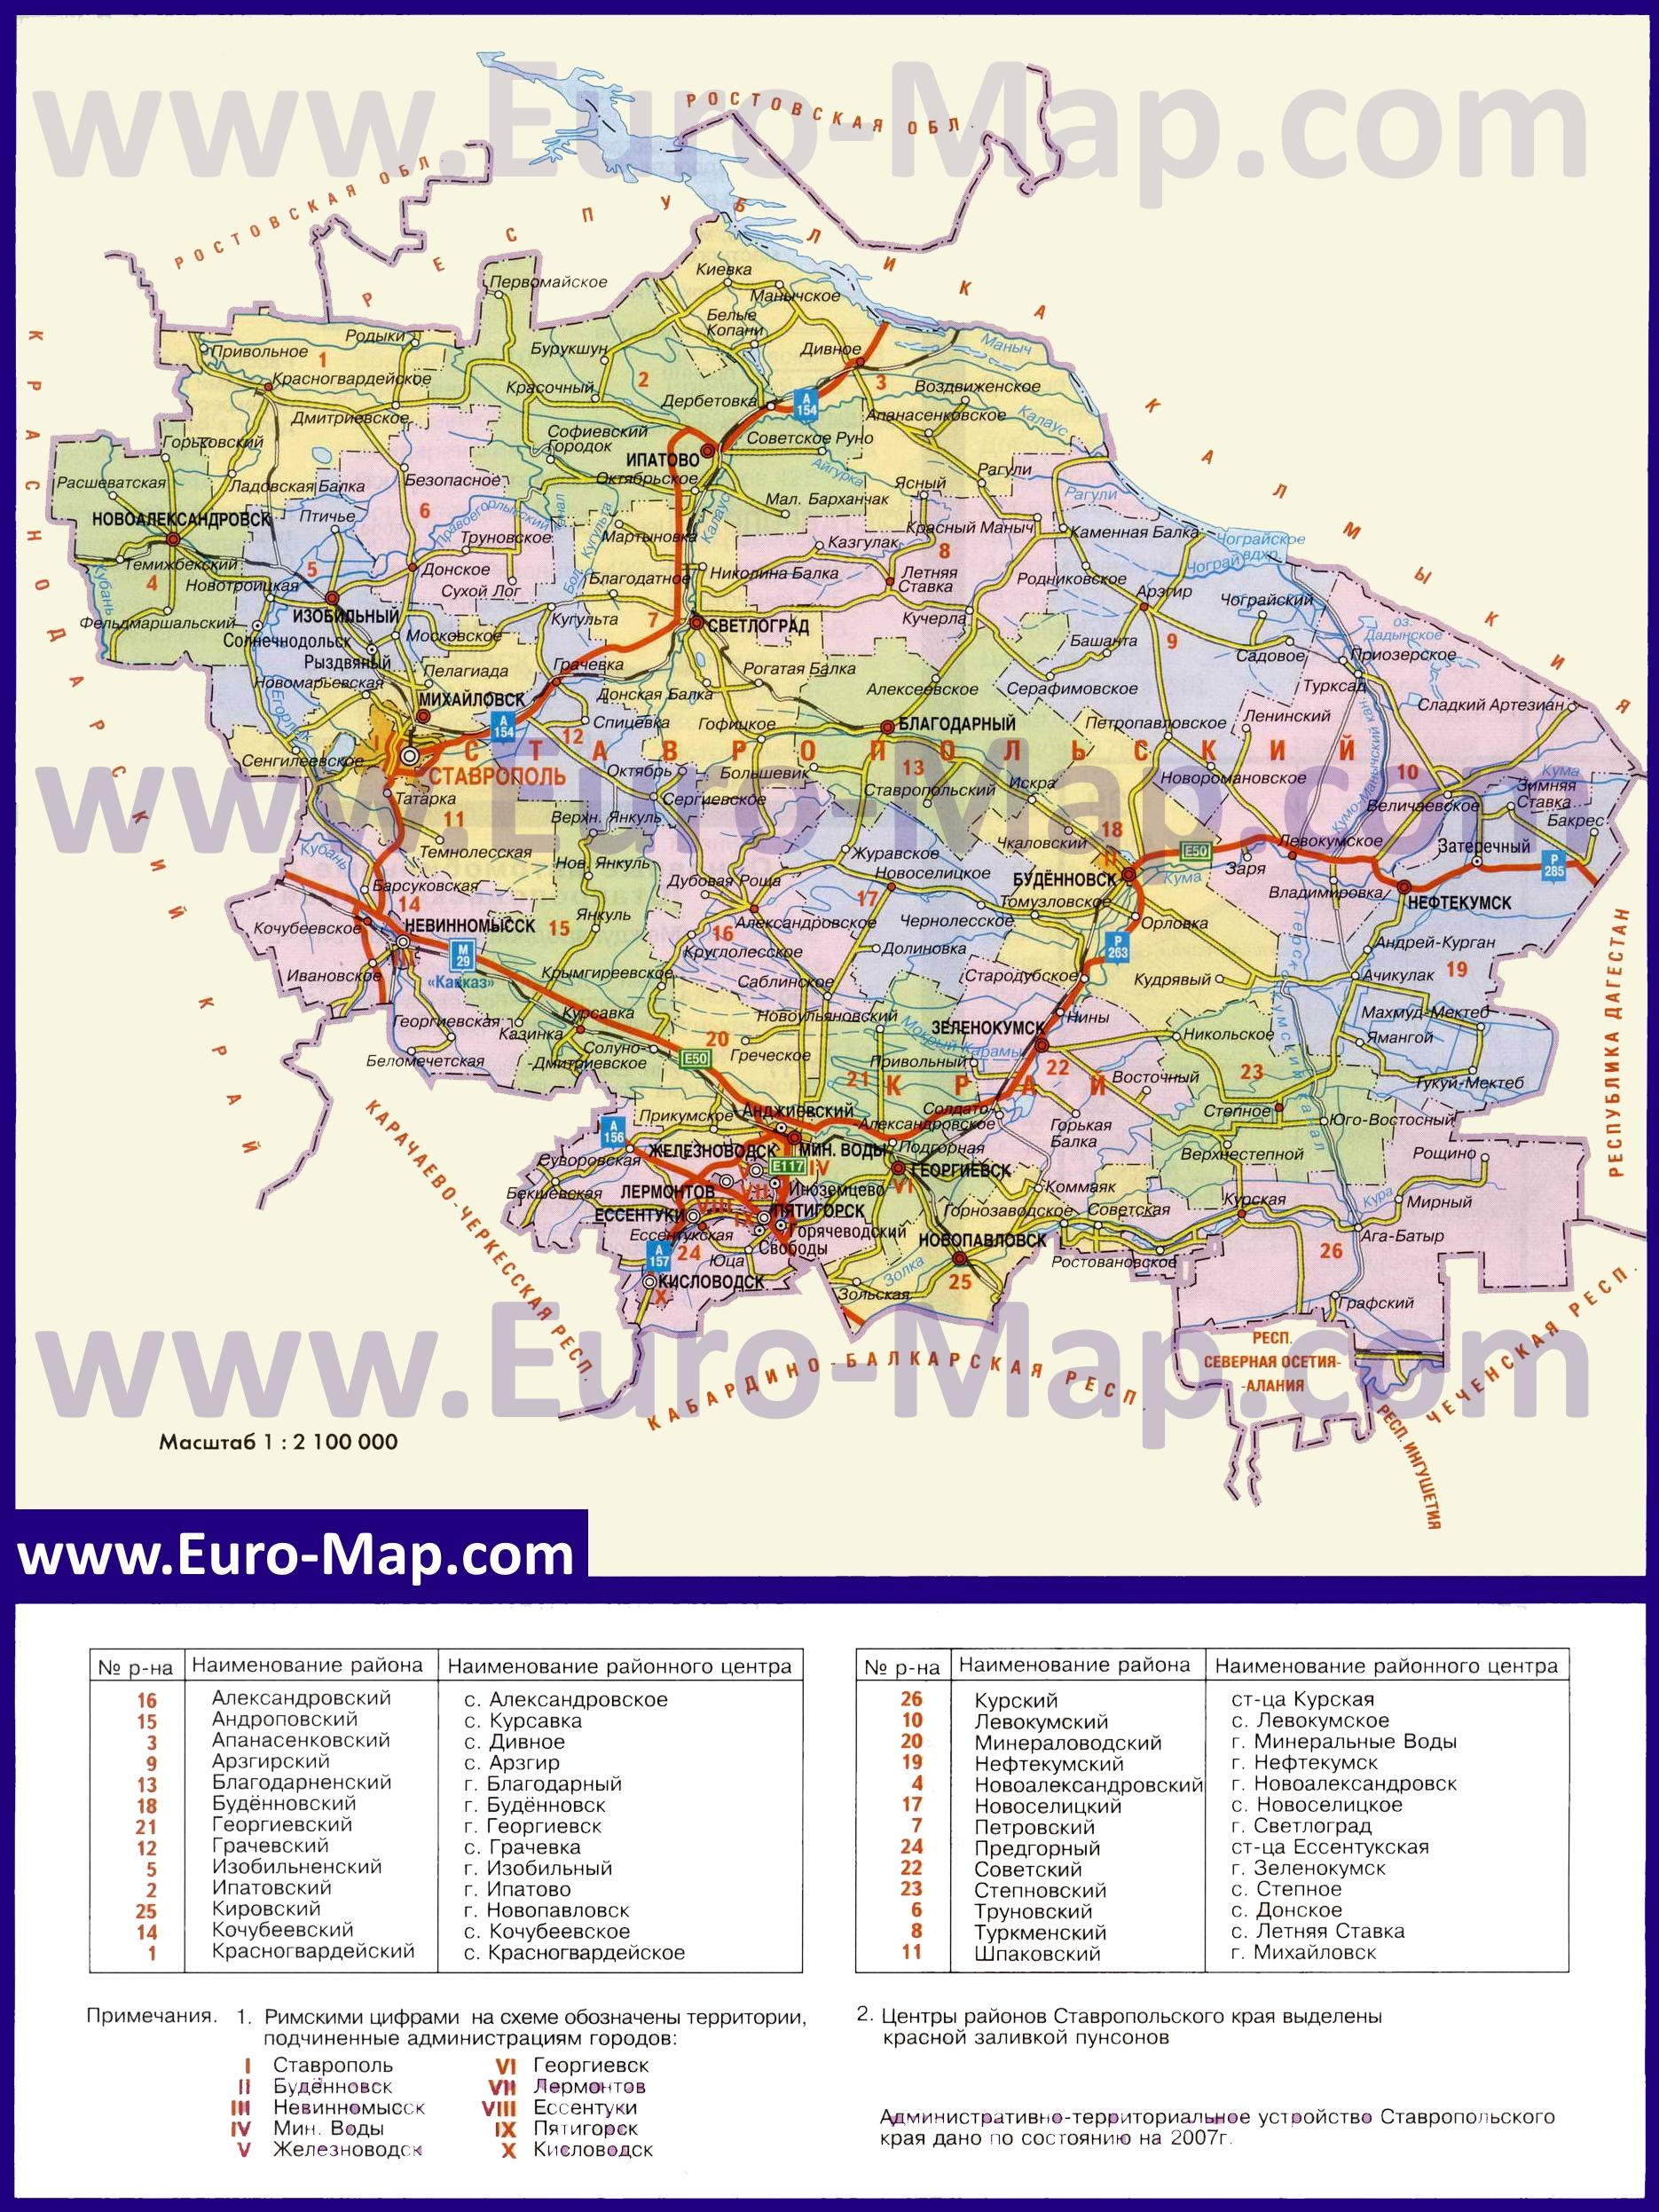 все районы ставропольского края на карте картинки павших